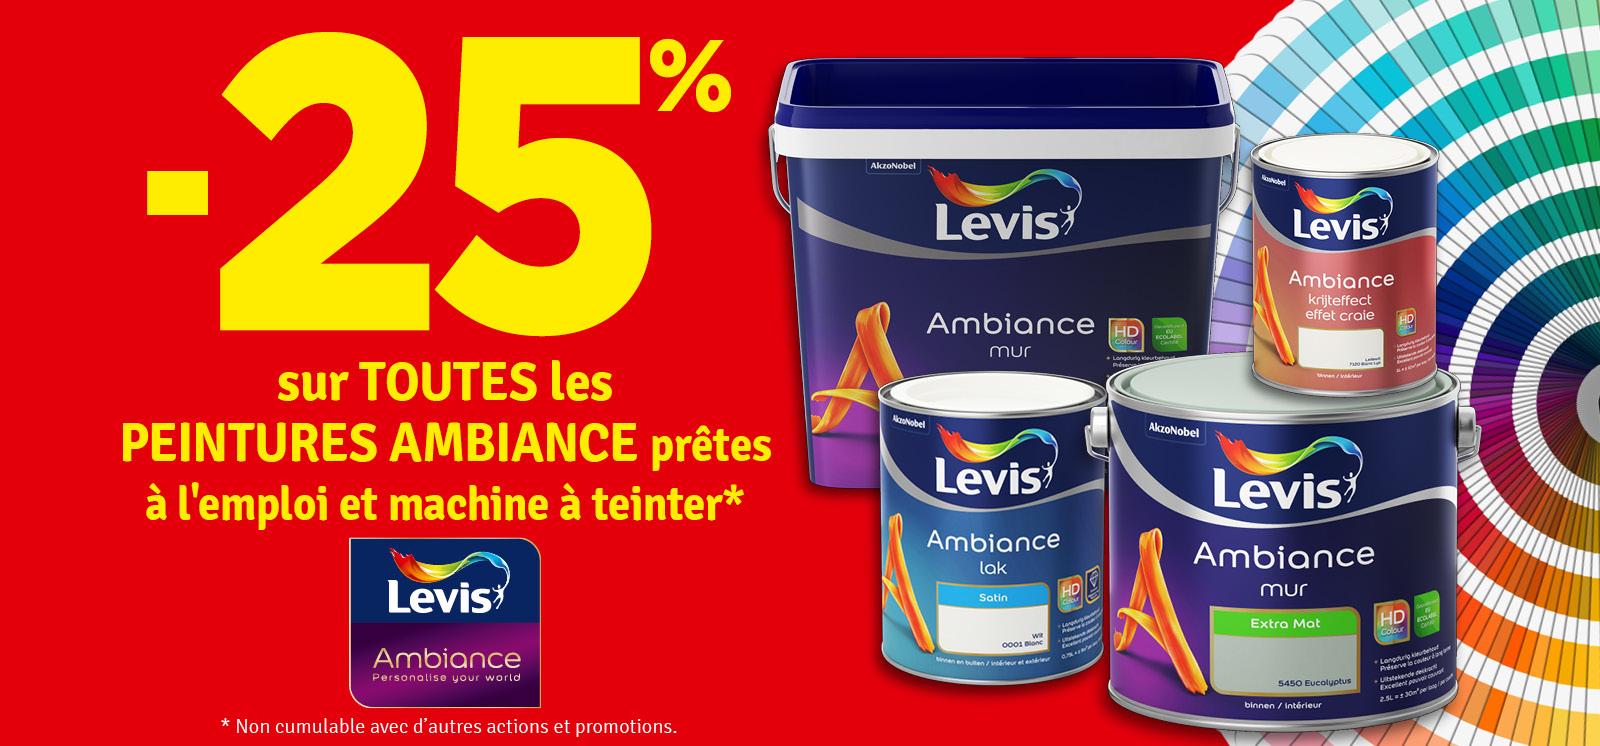 Promo - 25% sur les peintures Levis Ambiance